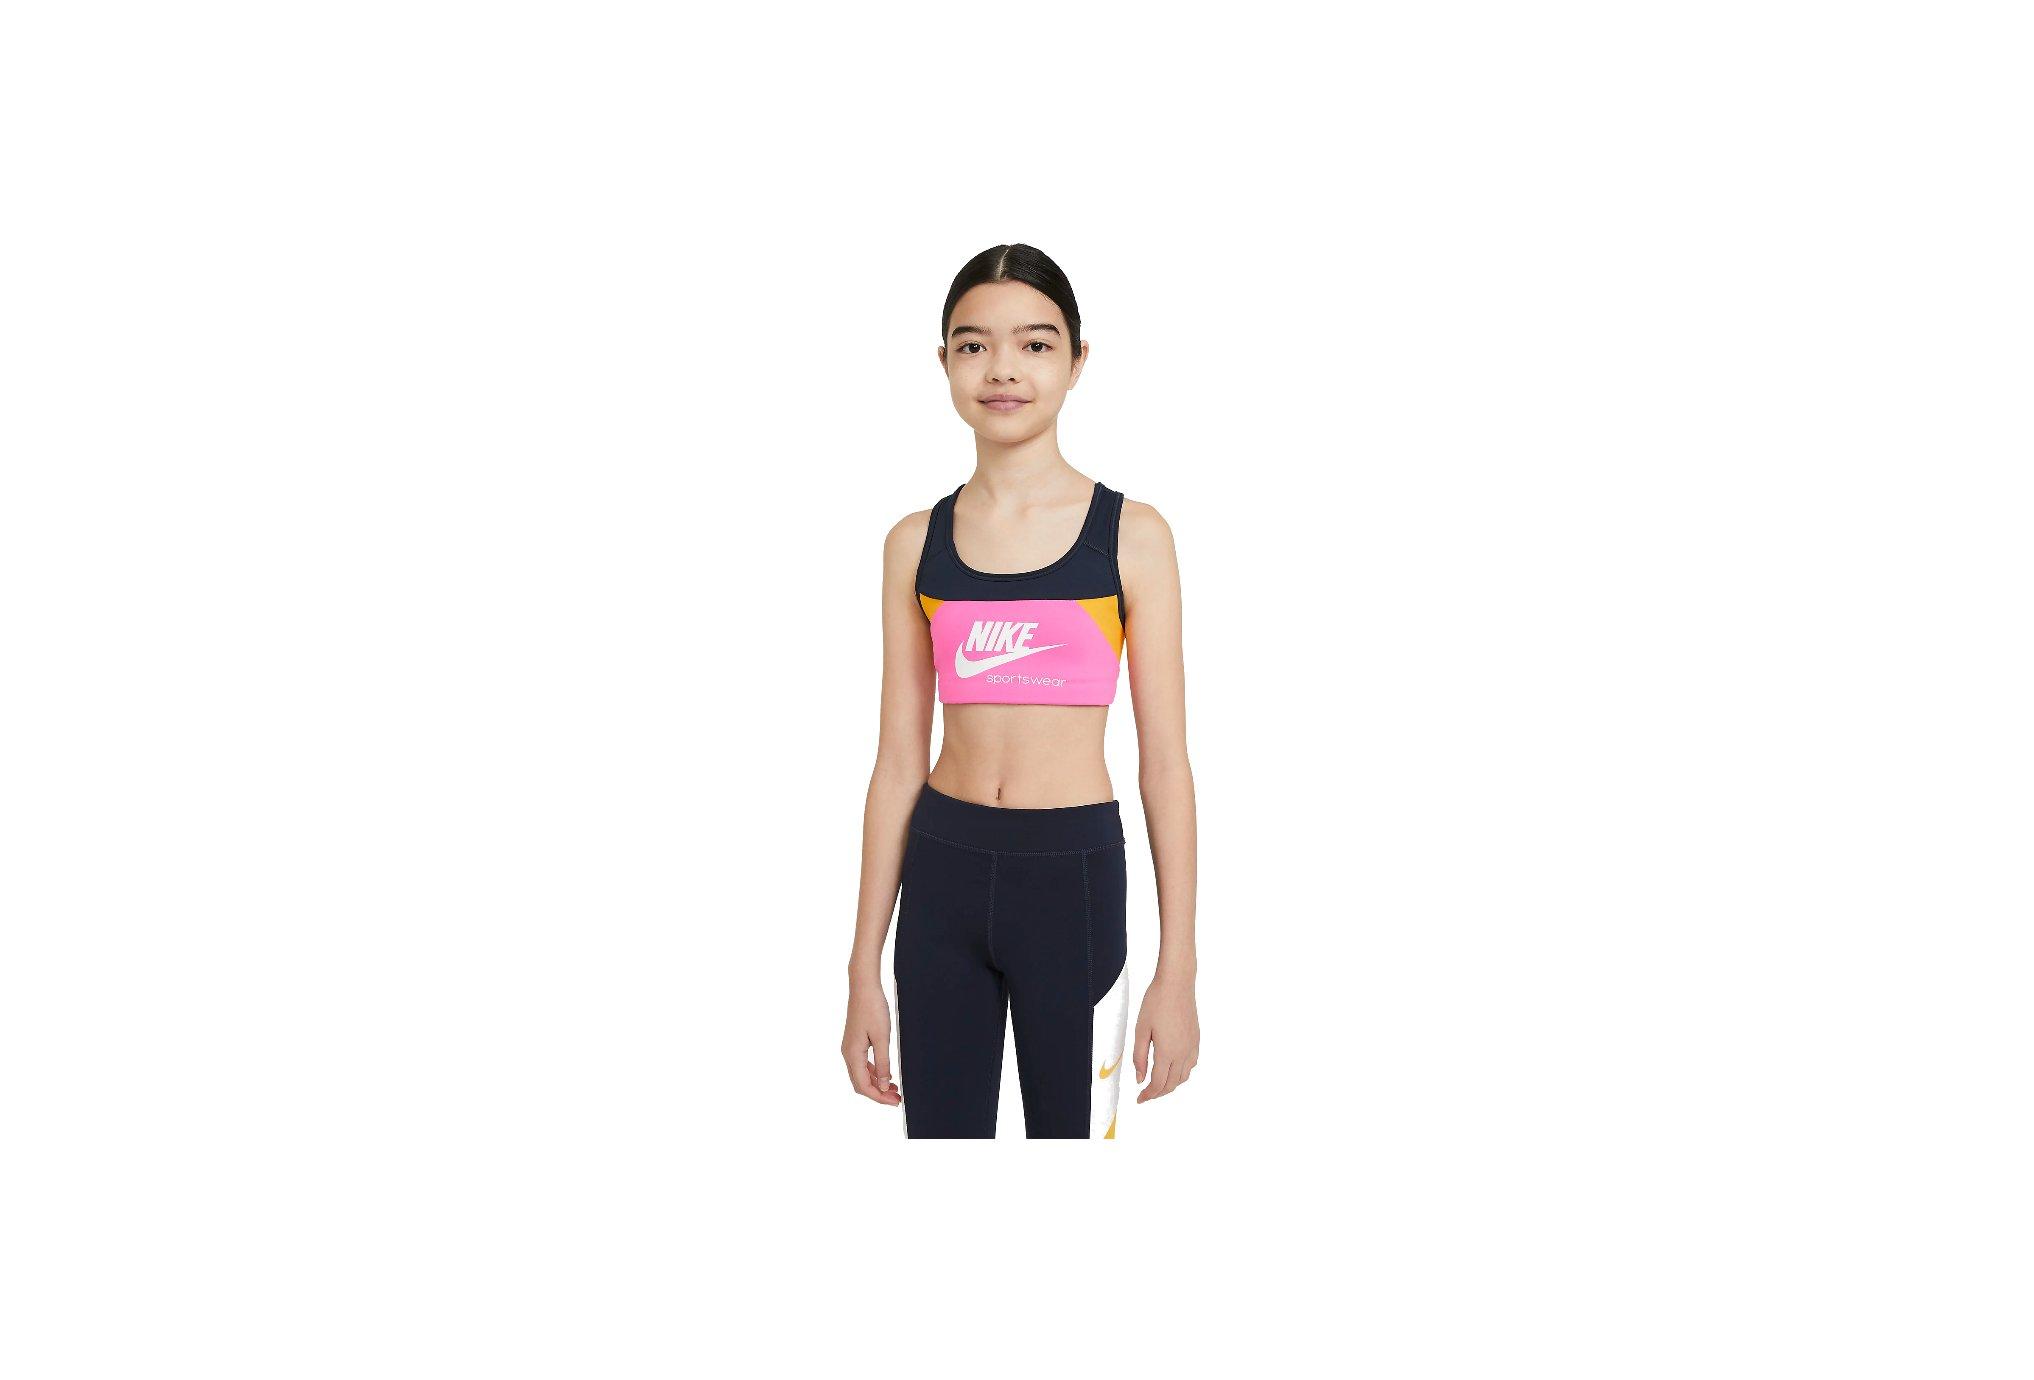 Nike Swoosh Fille vêtement running femme